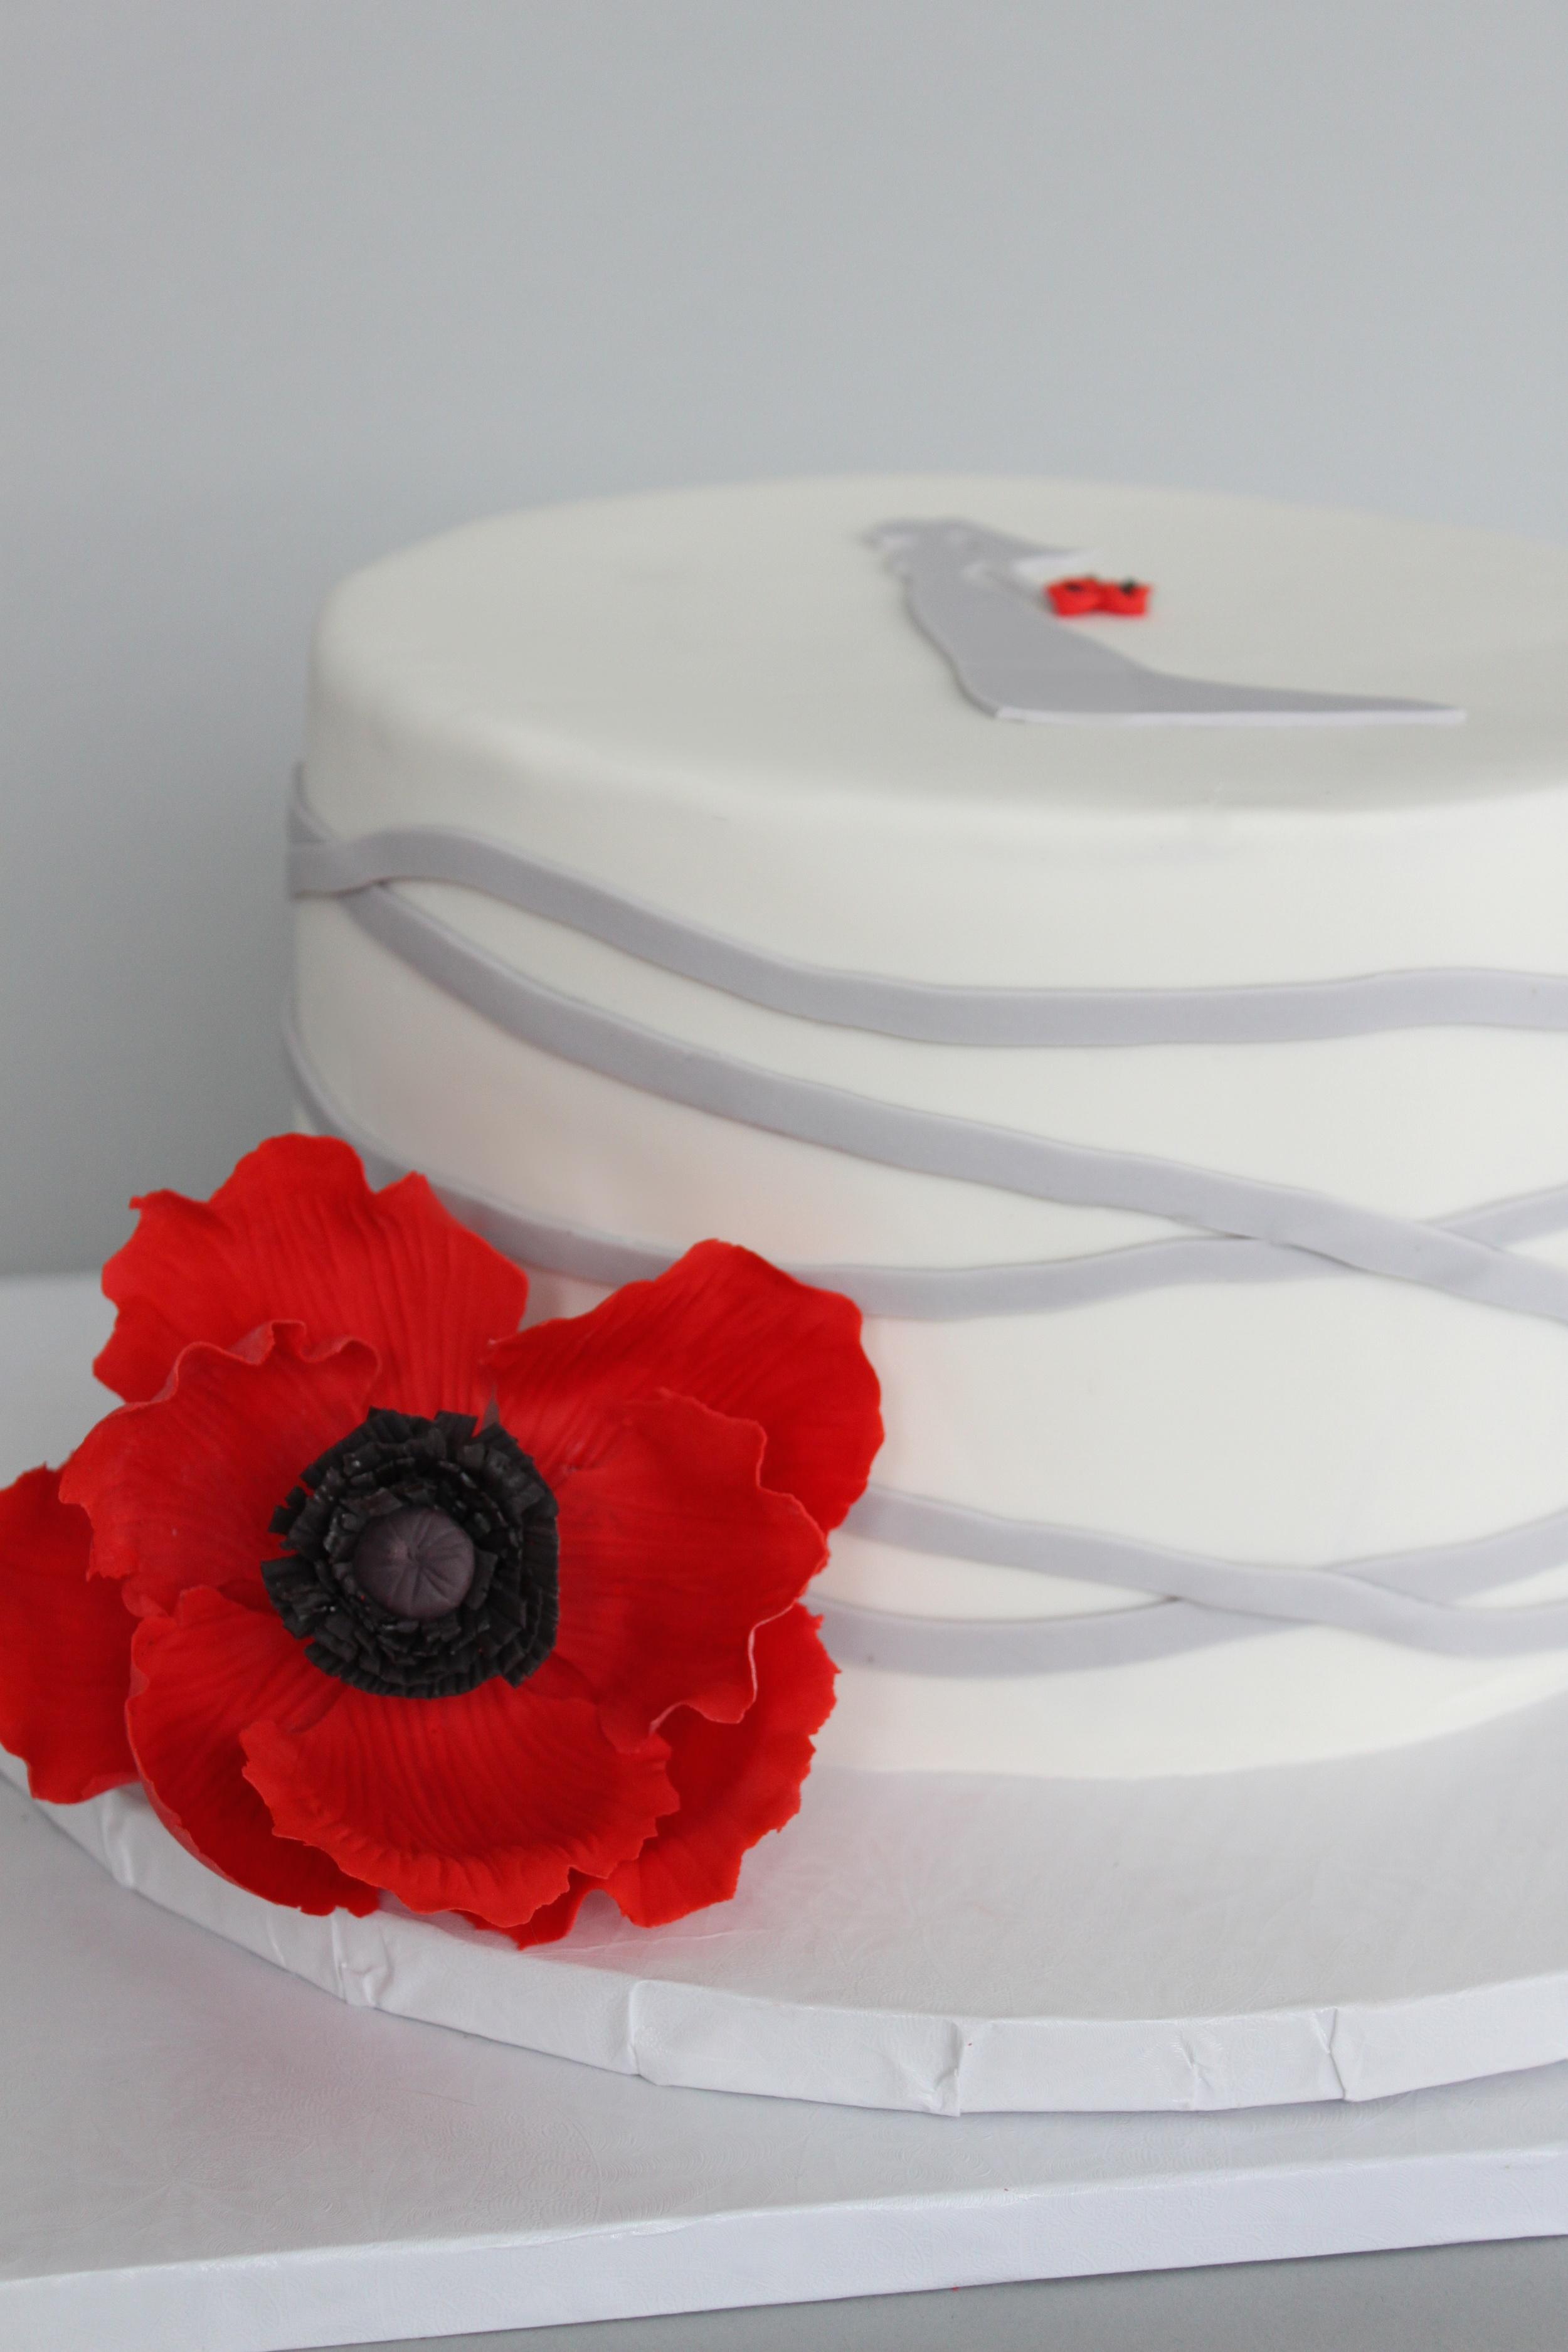 Bridal silhouette cake flower 7407.jpg